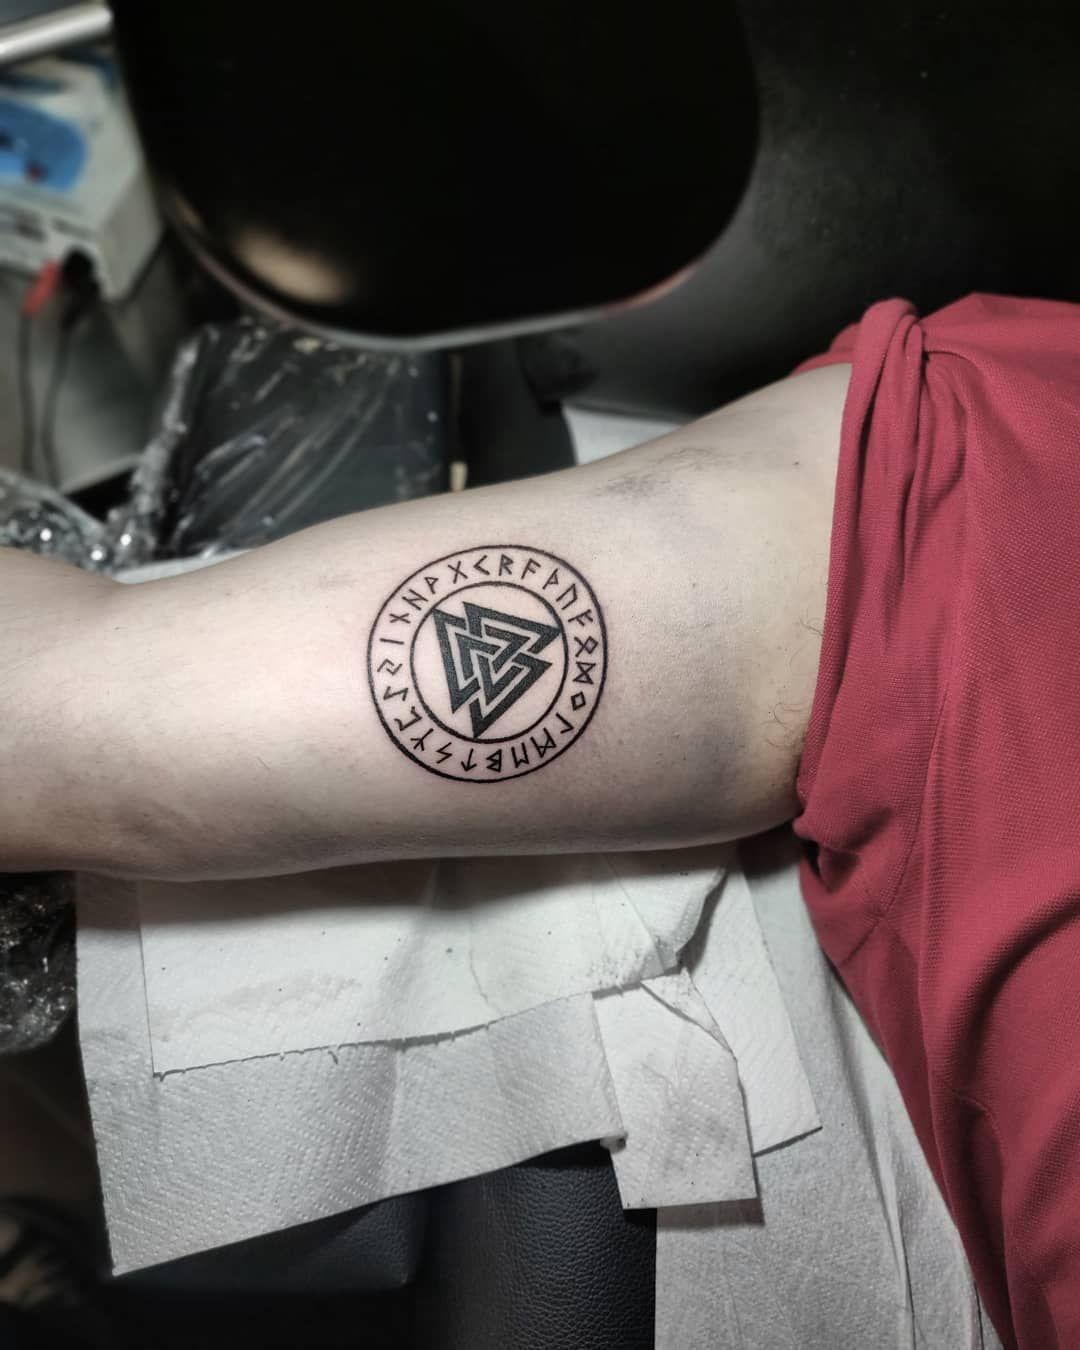 Pin de Missy Bailey em tattoo ideas Tatuagens viking